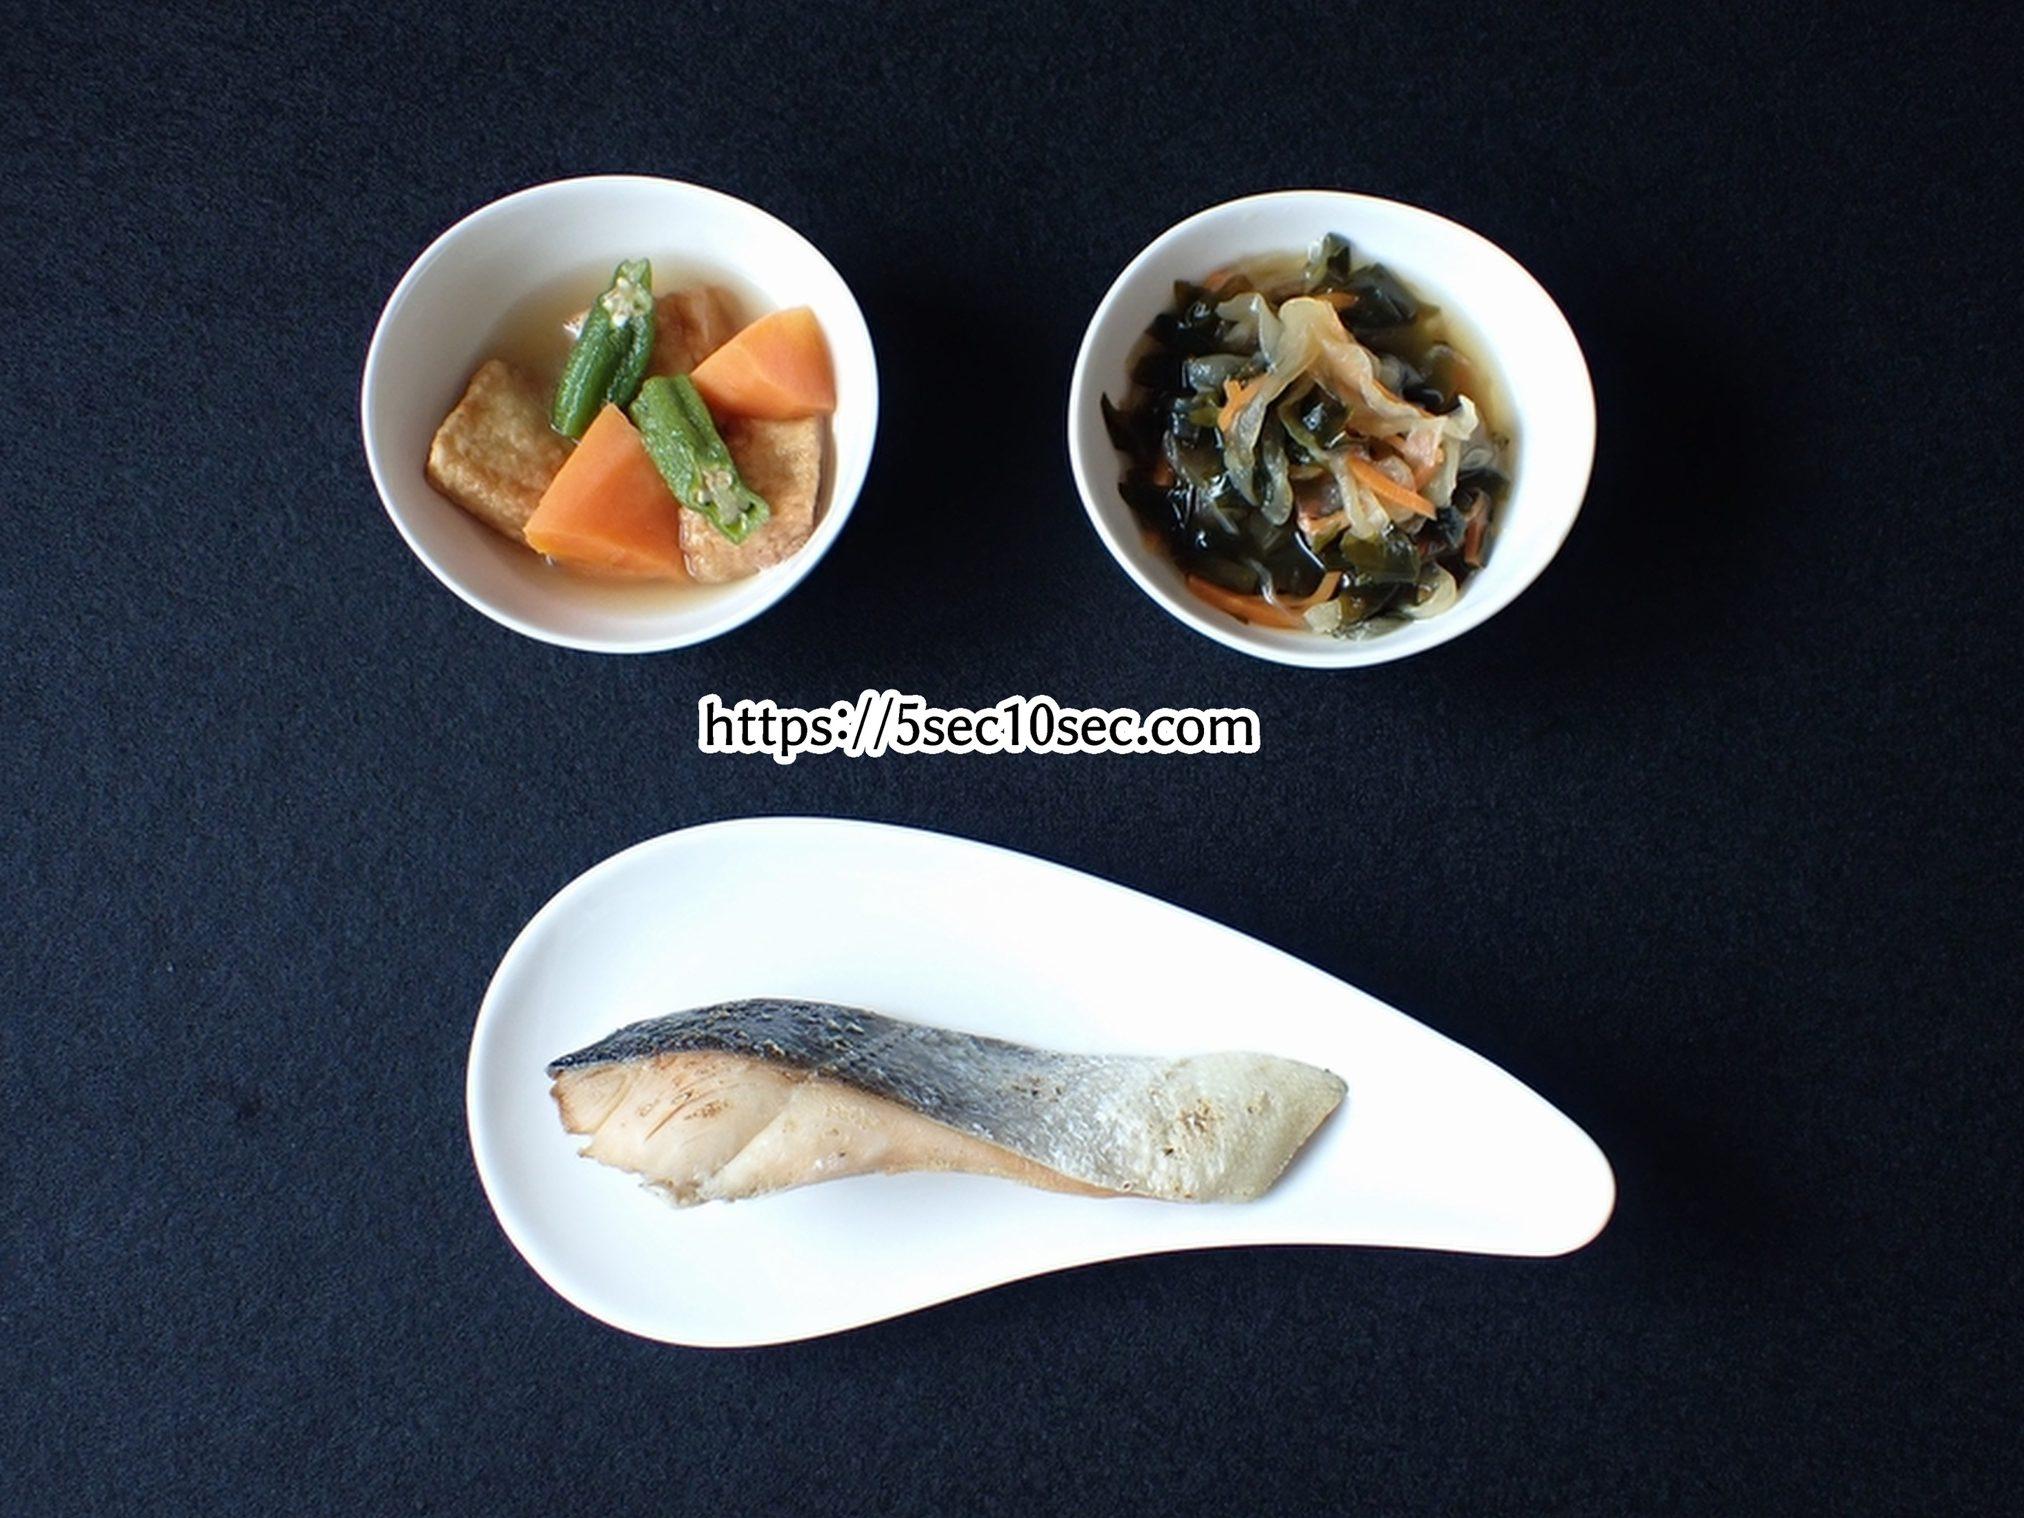 わんまいる 健幸ディナー 北海道産 鮭の塩焼きセット 解凍後の盛り付け写真